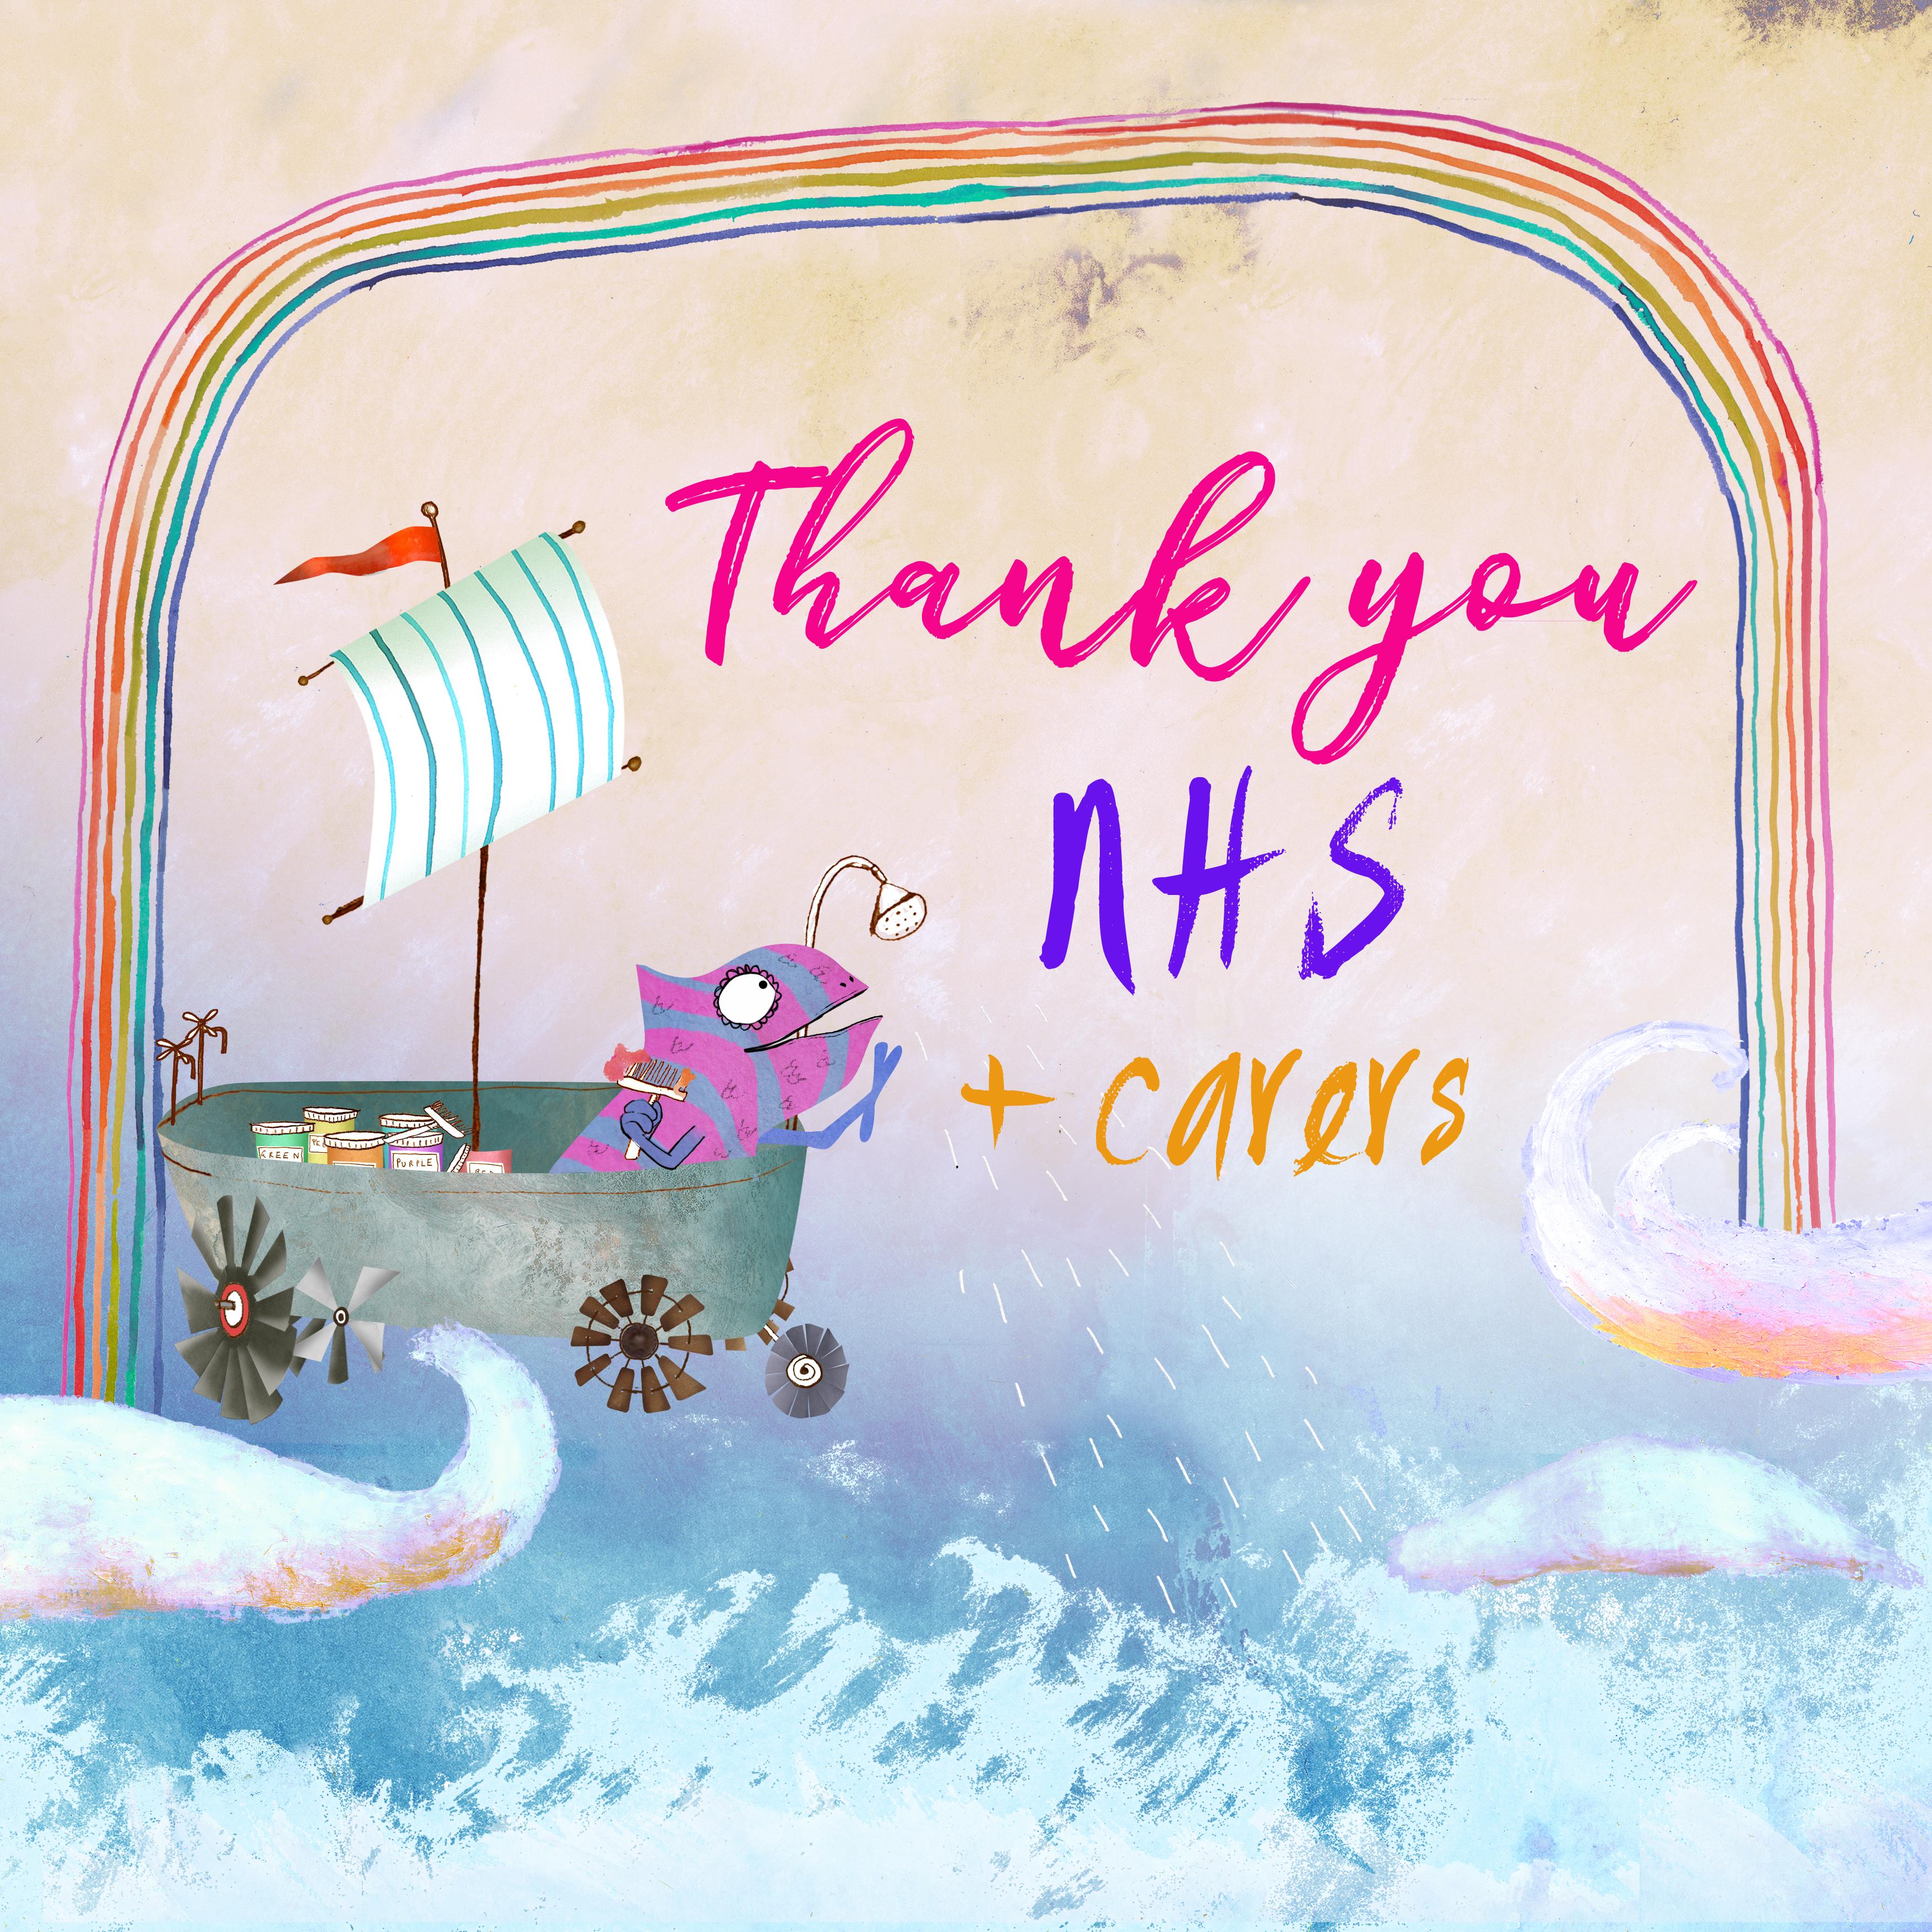 nhs-thanks